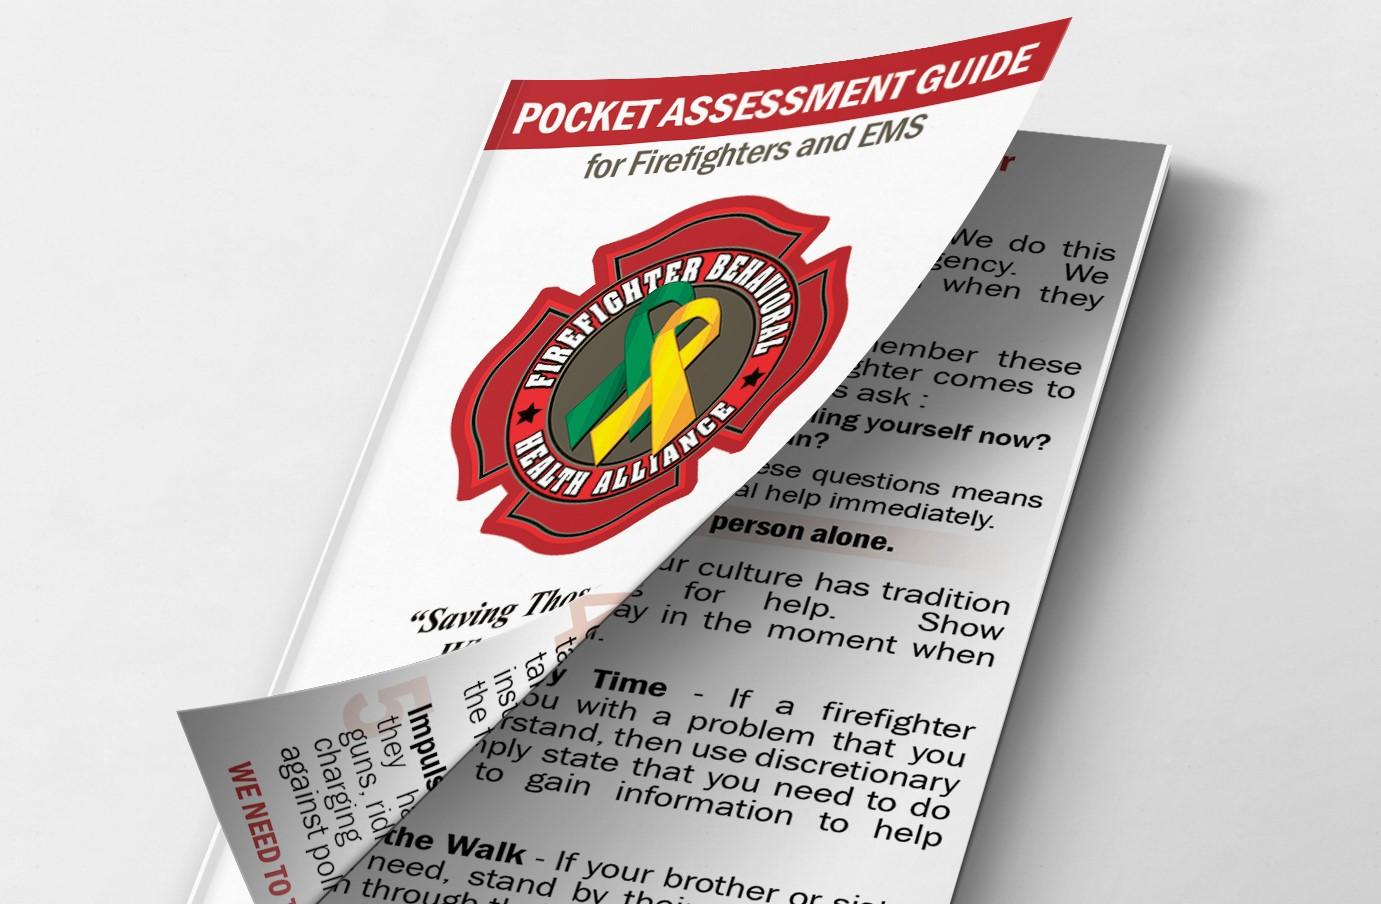 ffbha-pocket-assessment-guide-mock-up-2